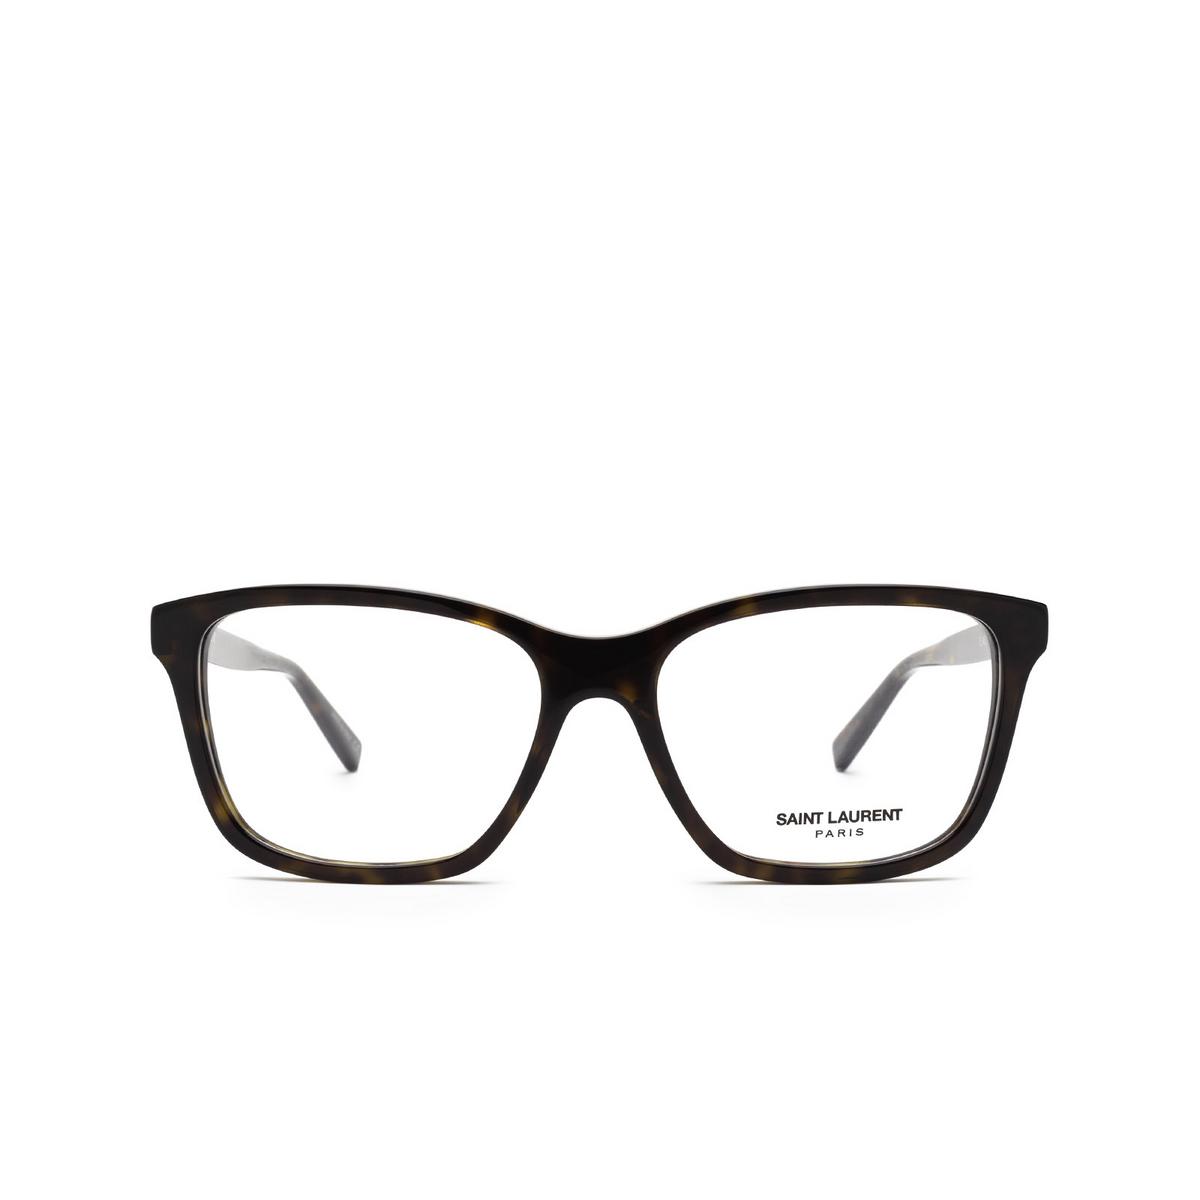 Saint Laurent® Rectangle Eyeglasses: SL 482 color Havana 002 - front view.